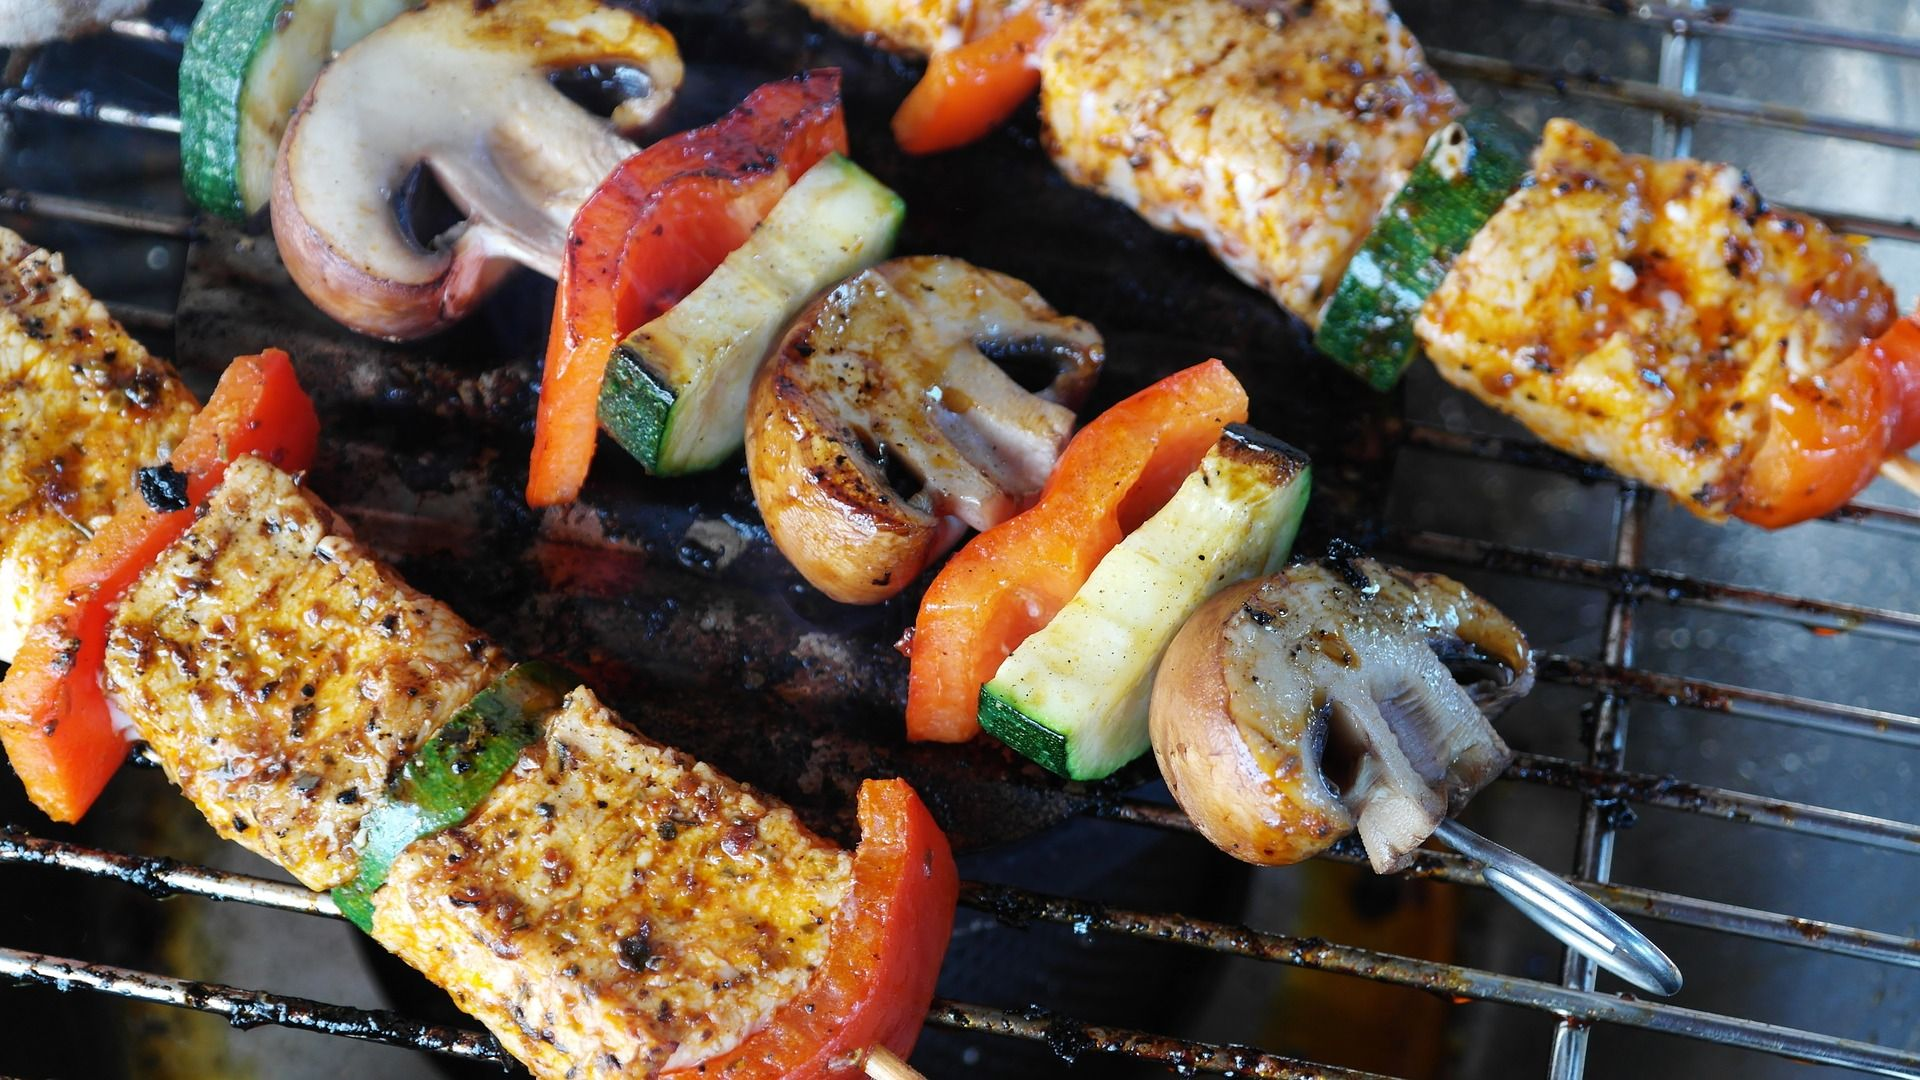 Recette de marinade végé / sans gluten pour les grillades #barbecue #marinade #végétarien #glutenfree #sansgluten #vegan #mangersain #bio